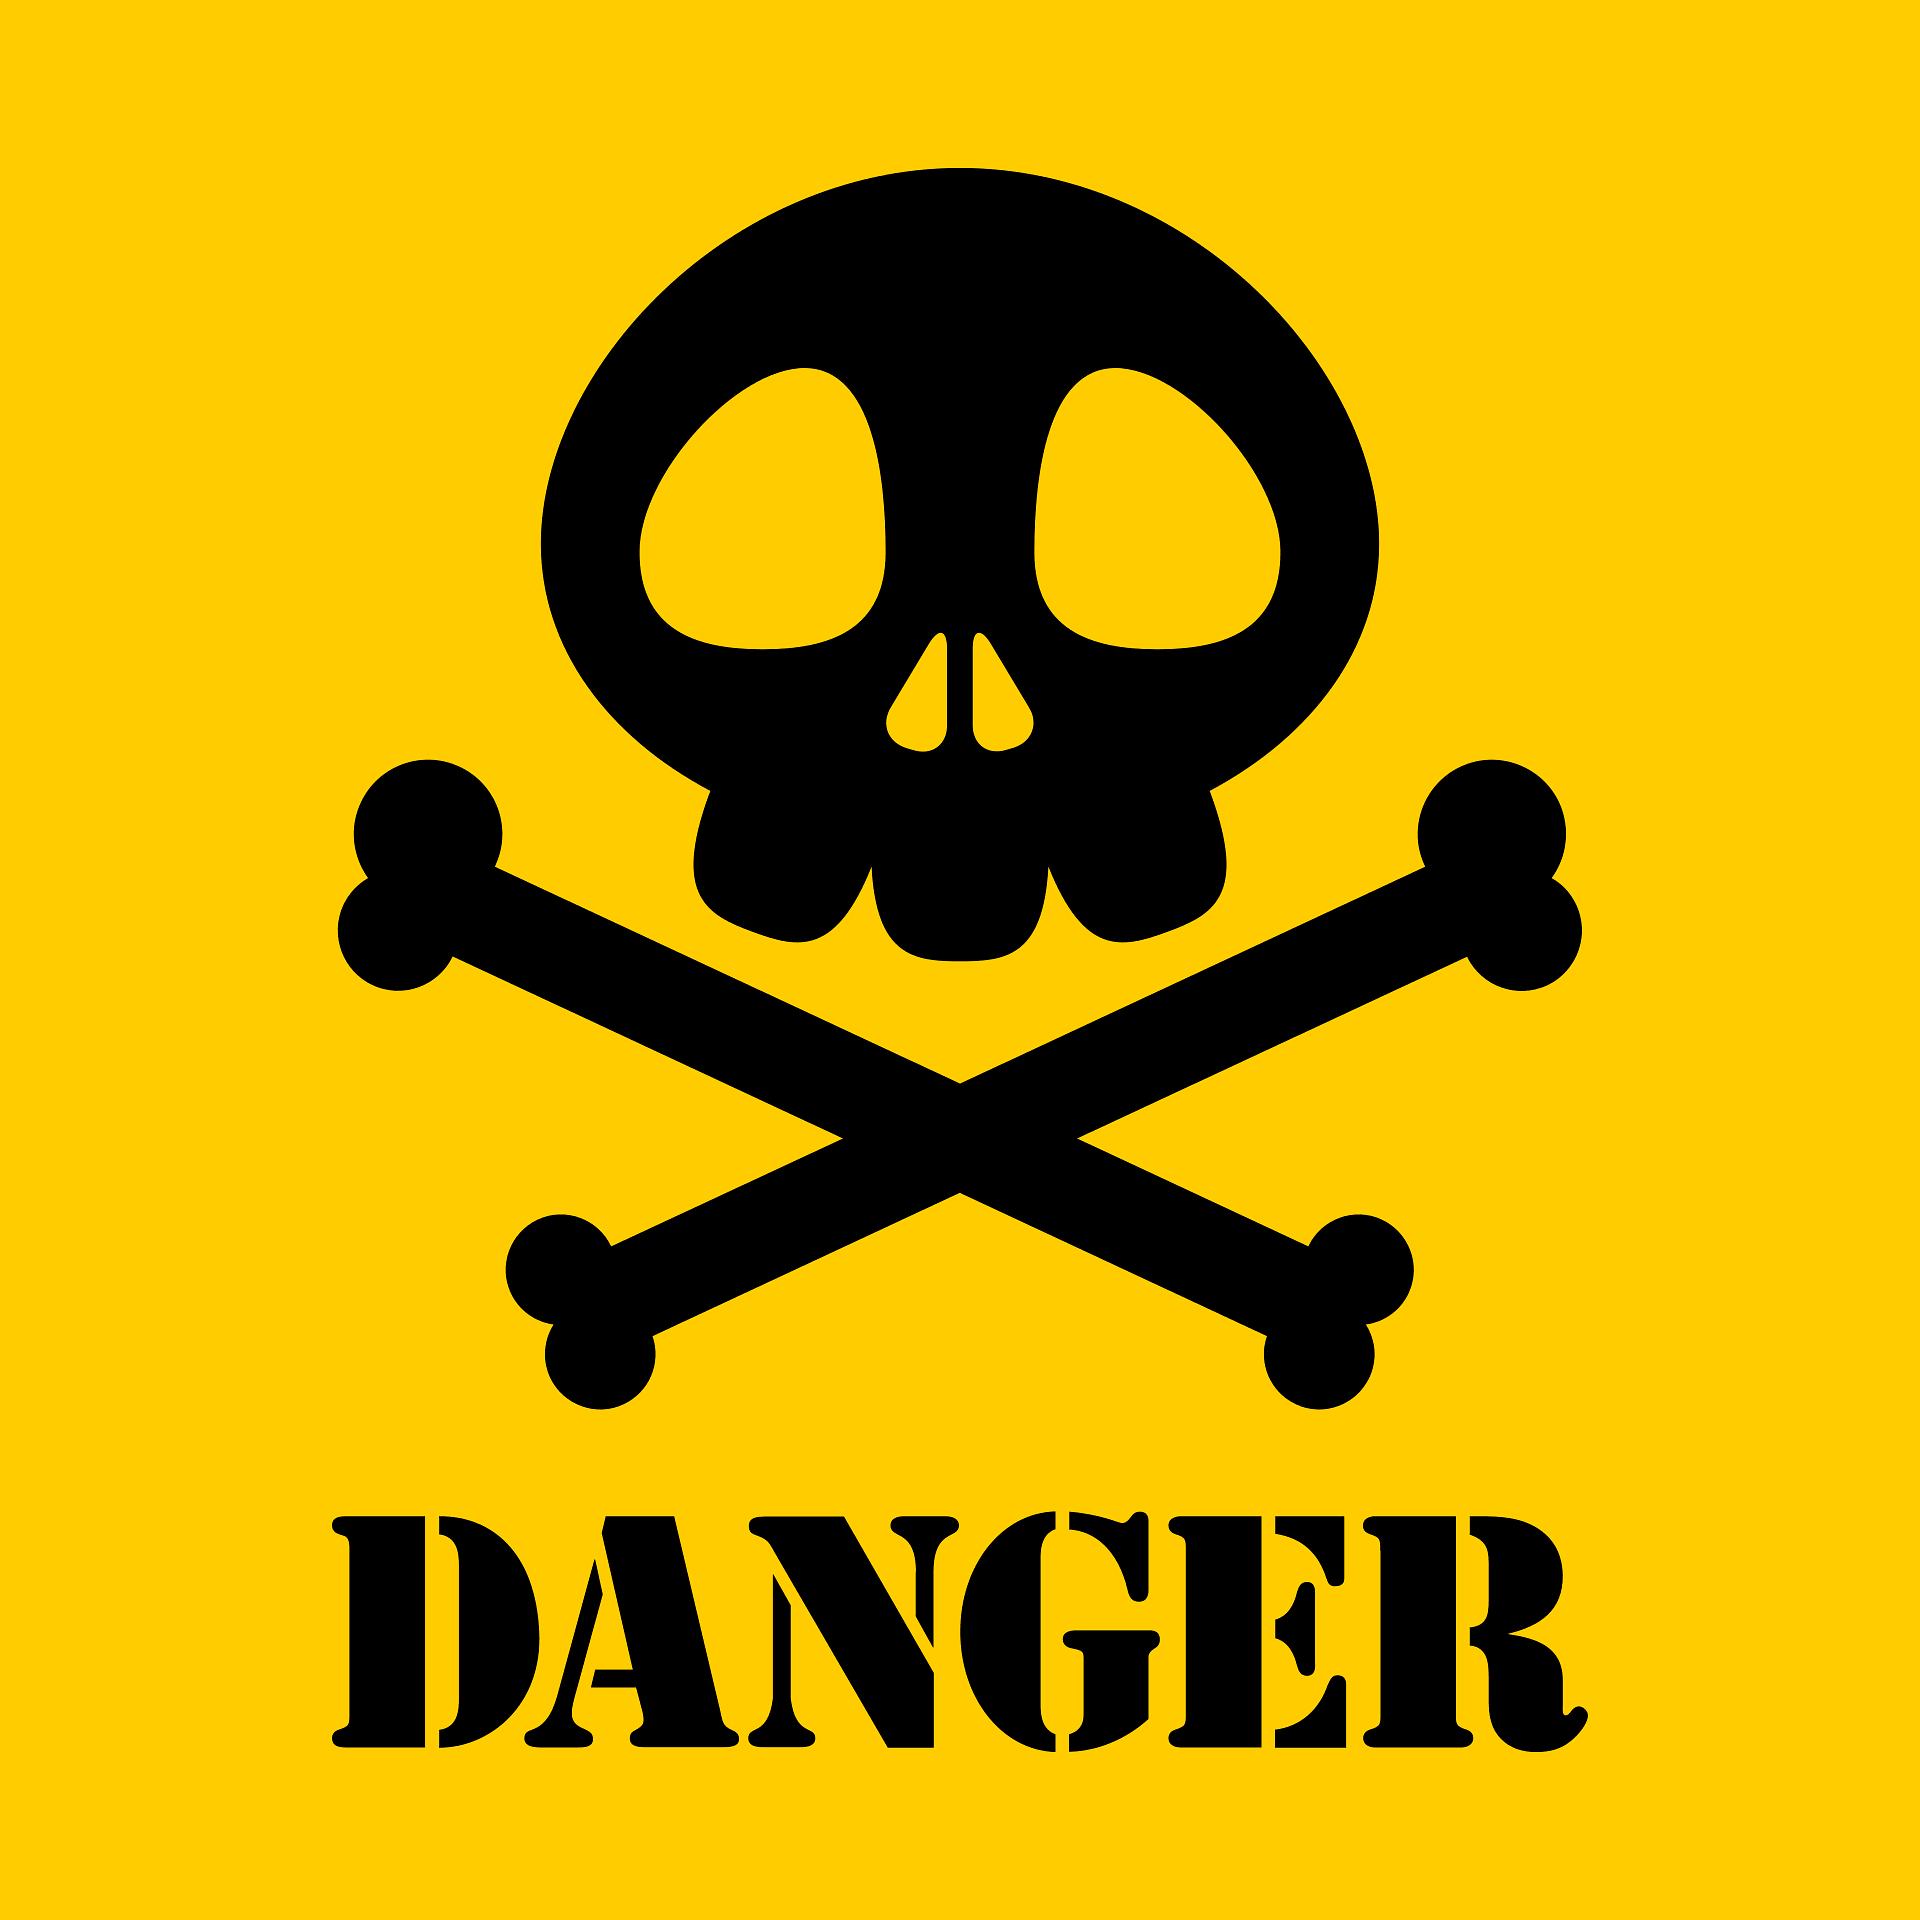 Danger Mark Clipart Free Download Transparent Png Creazilla